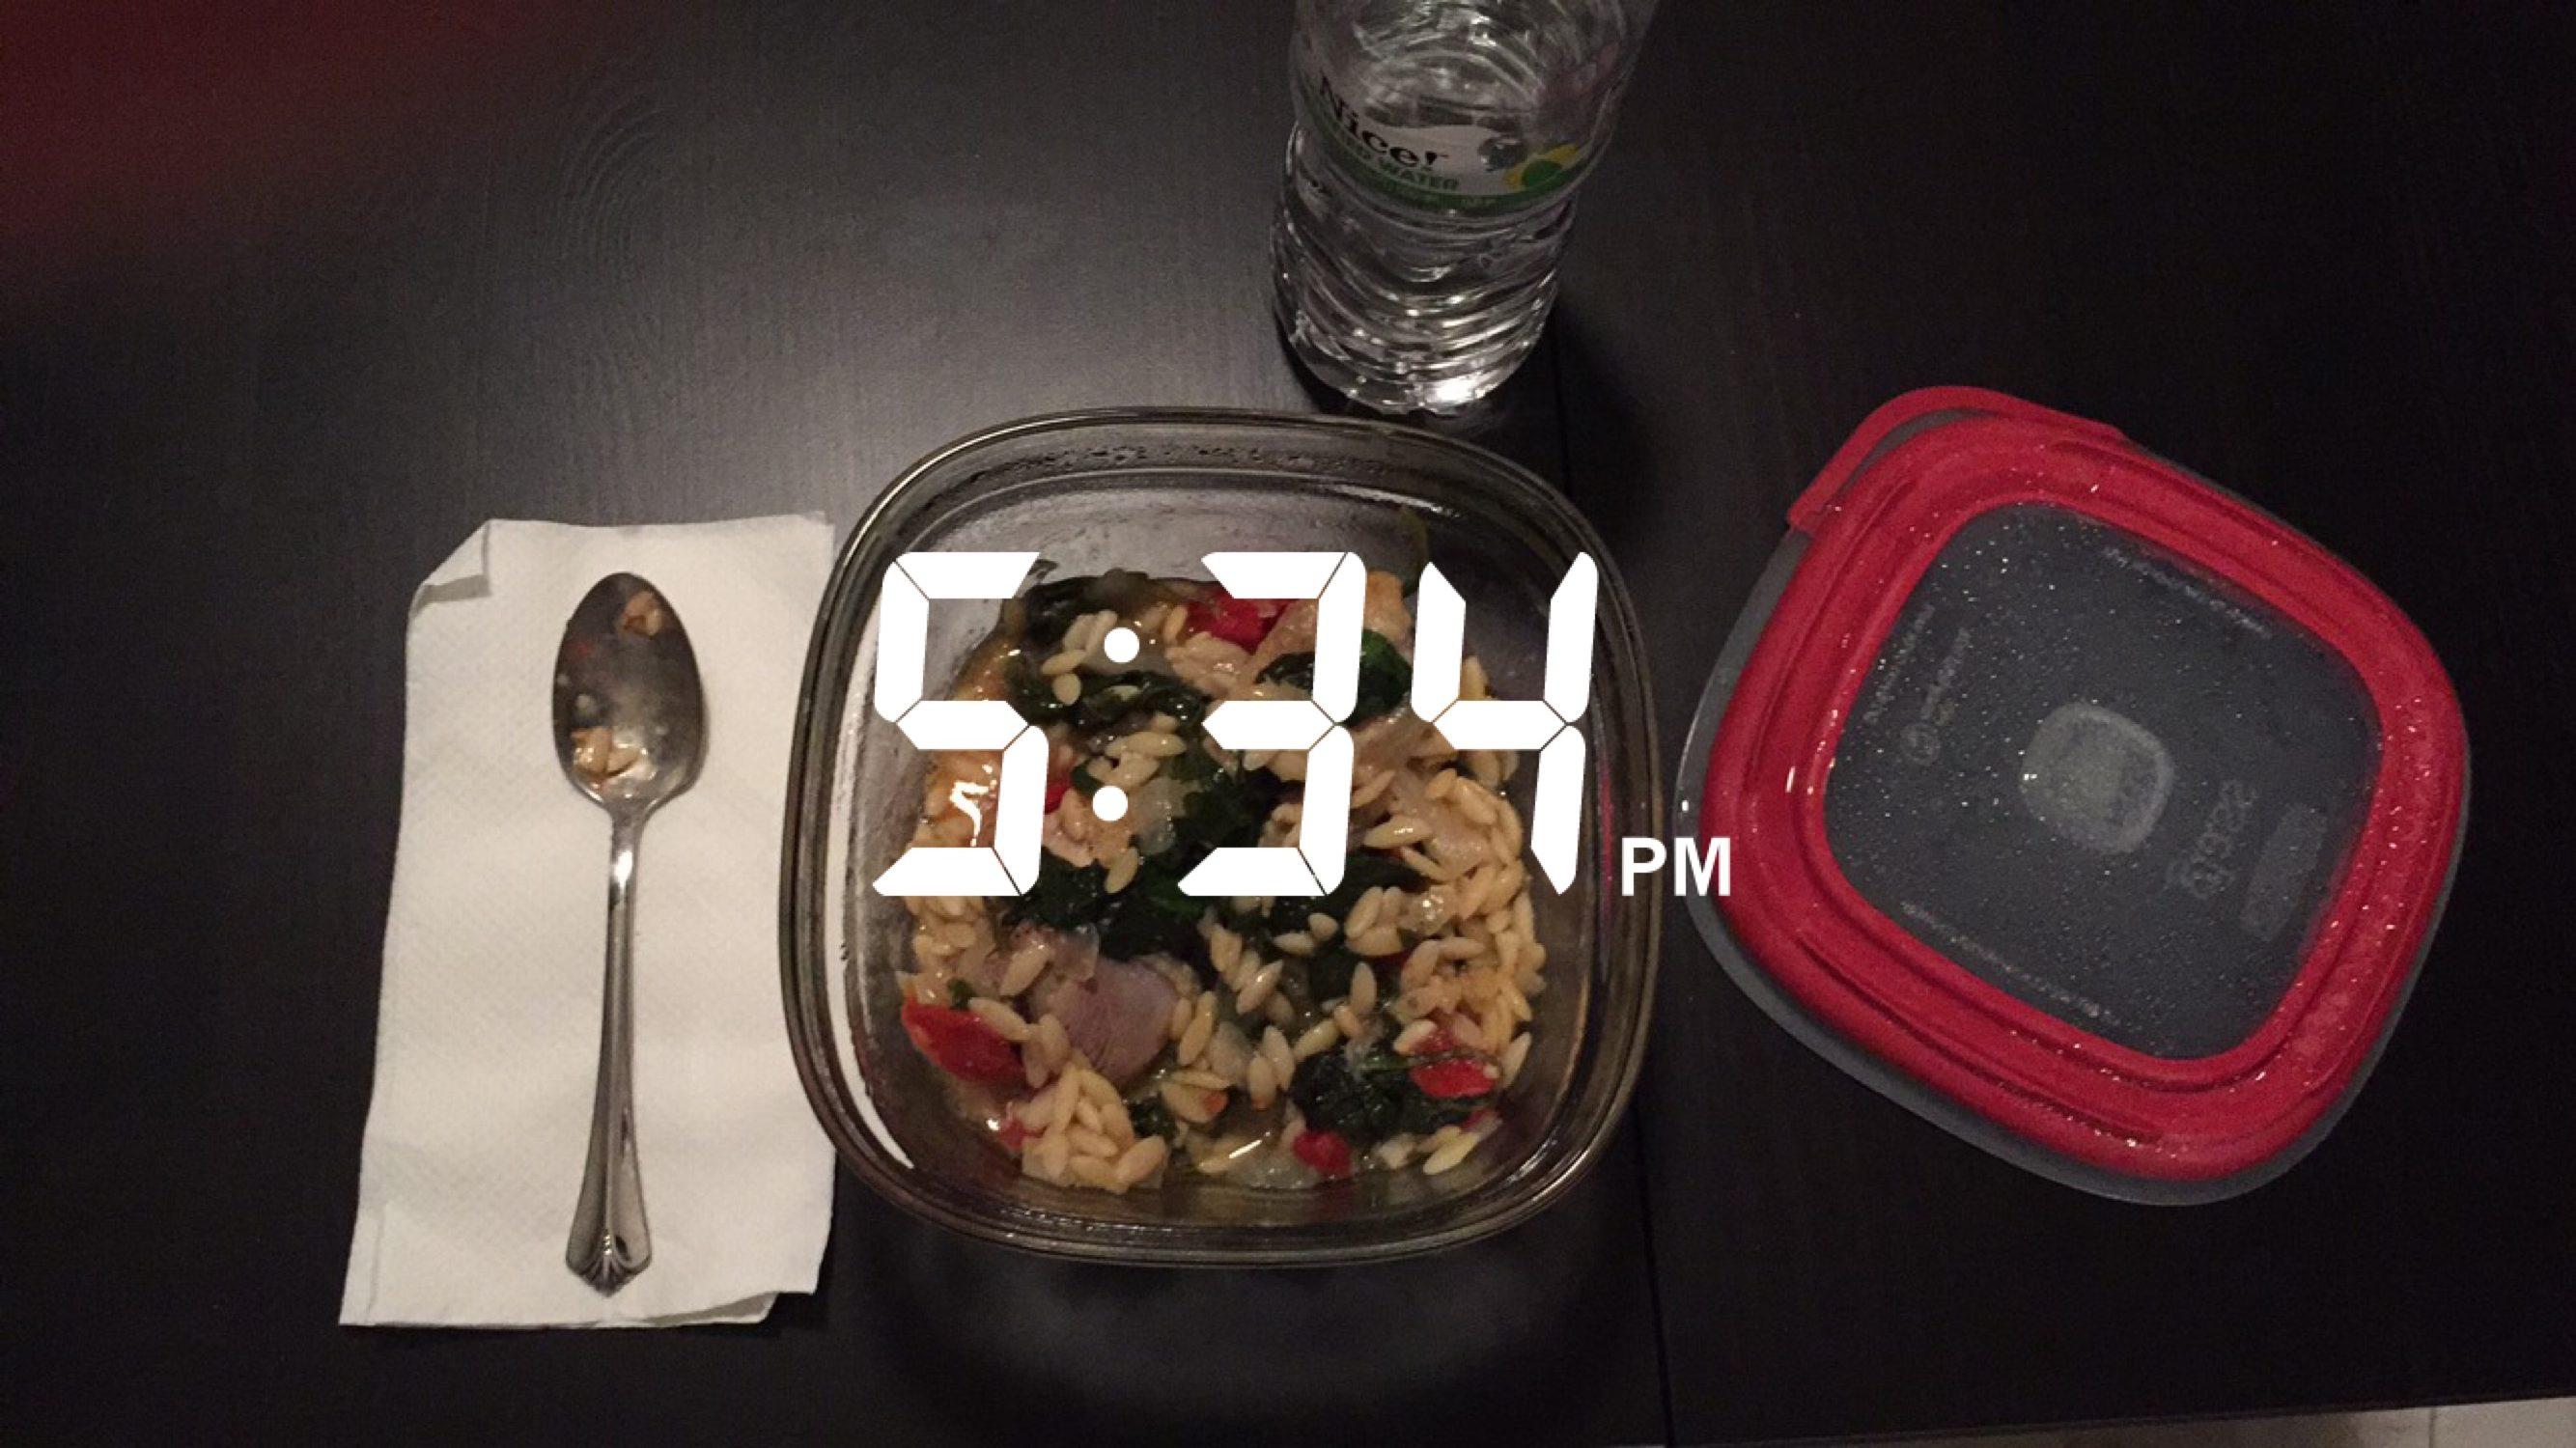 Snapchat day dinner